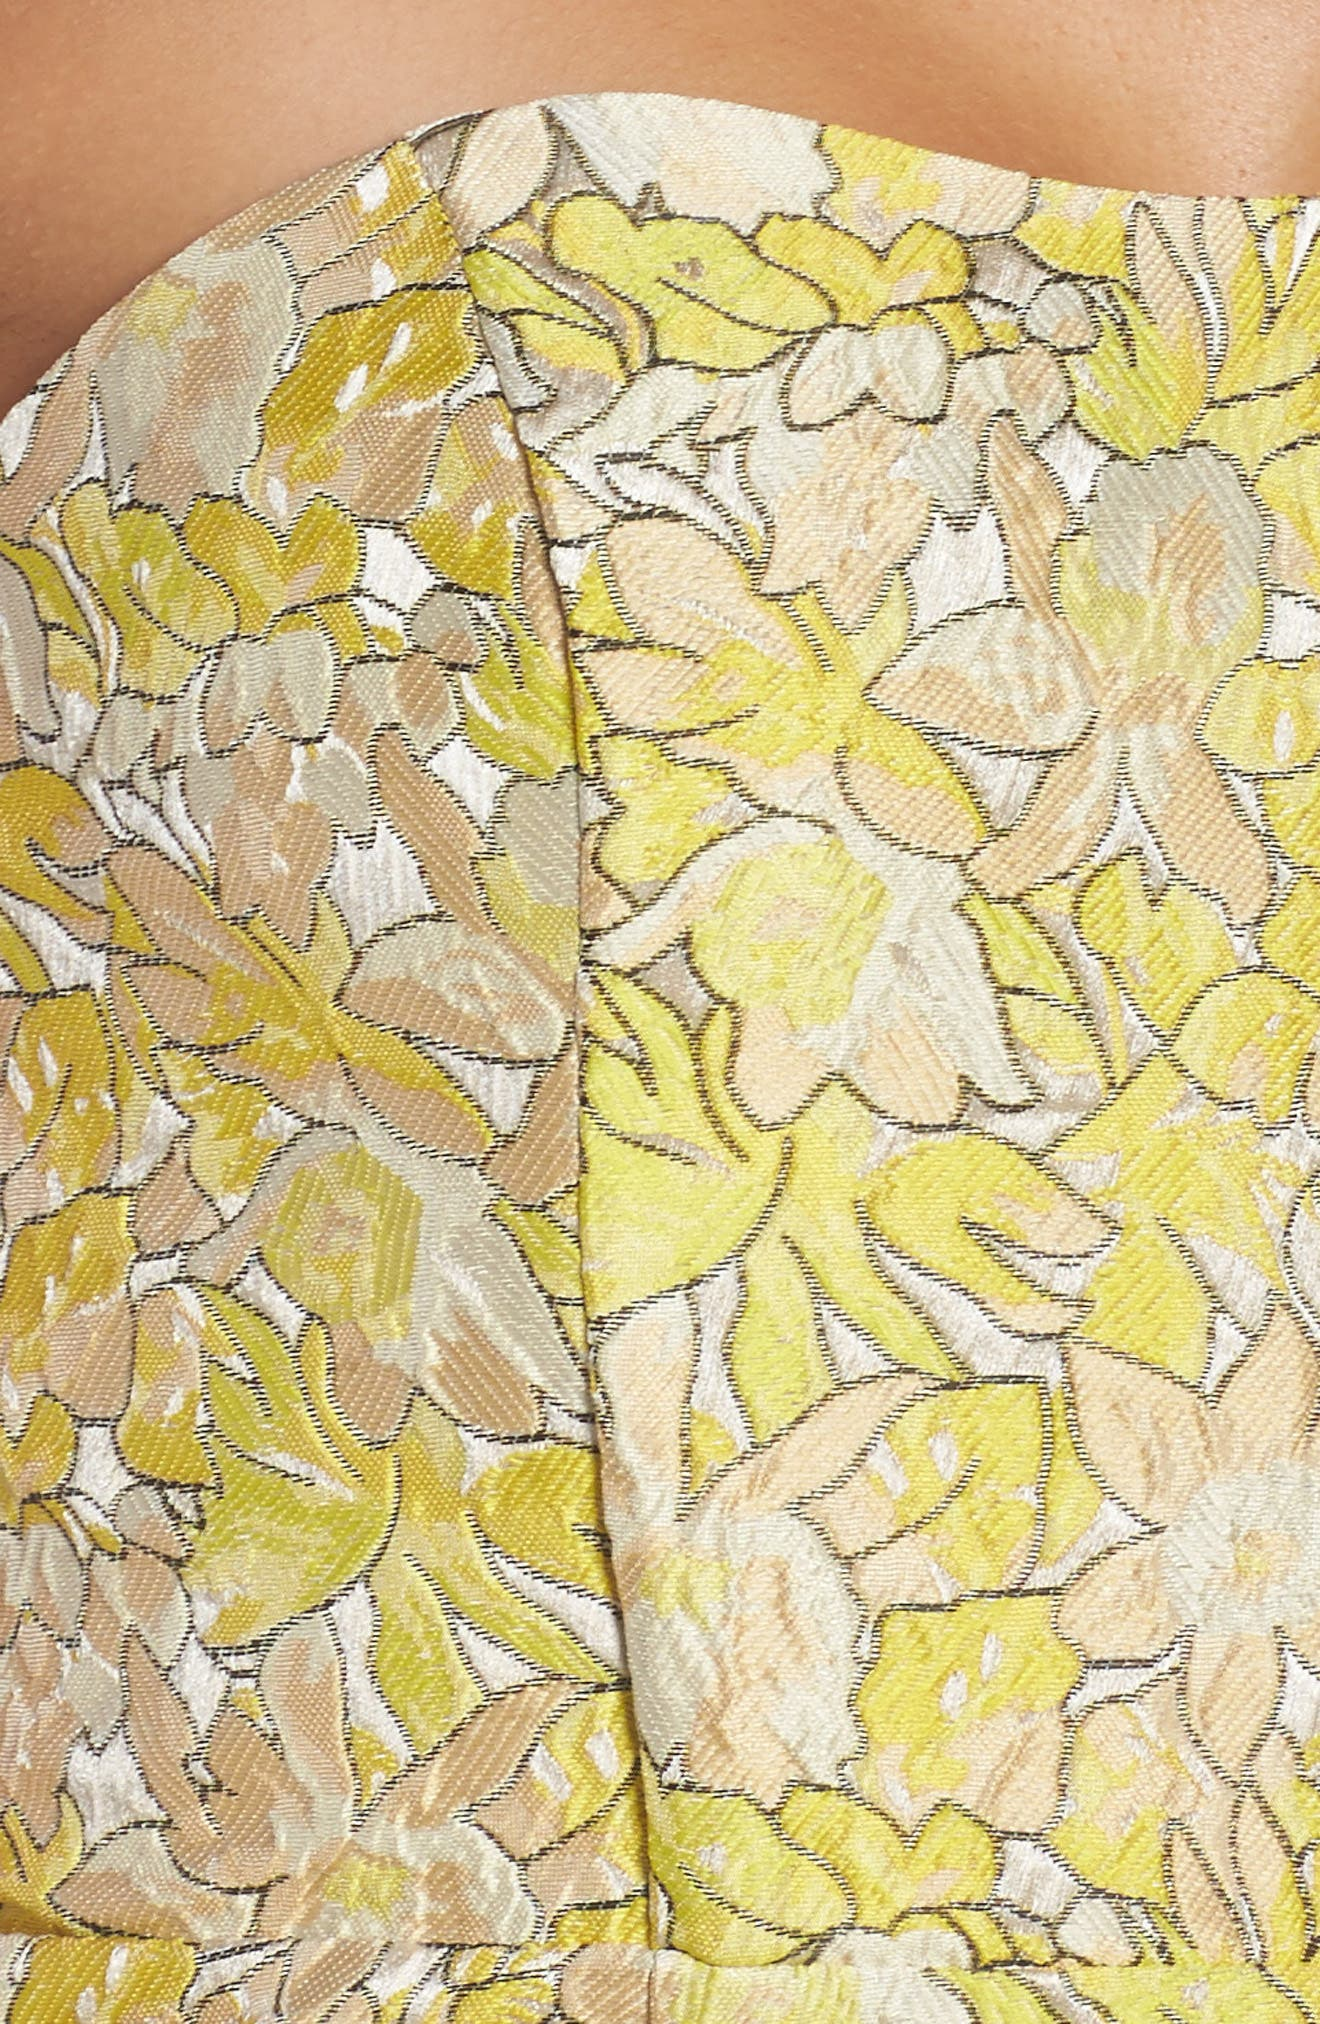 Gretta Strapless Jacquard Sheath Dress,                             Alternate thumbnail 4, color,                             730